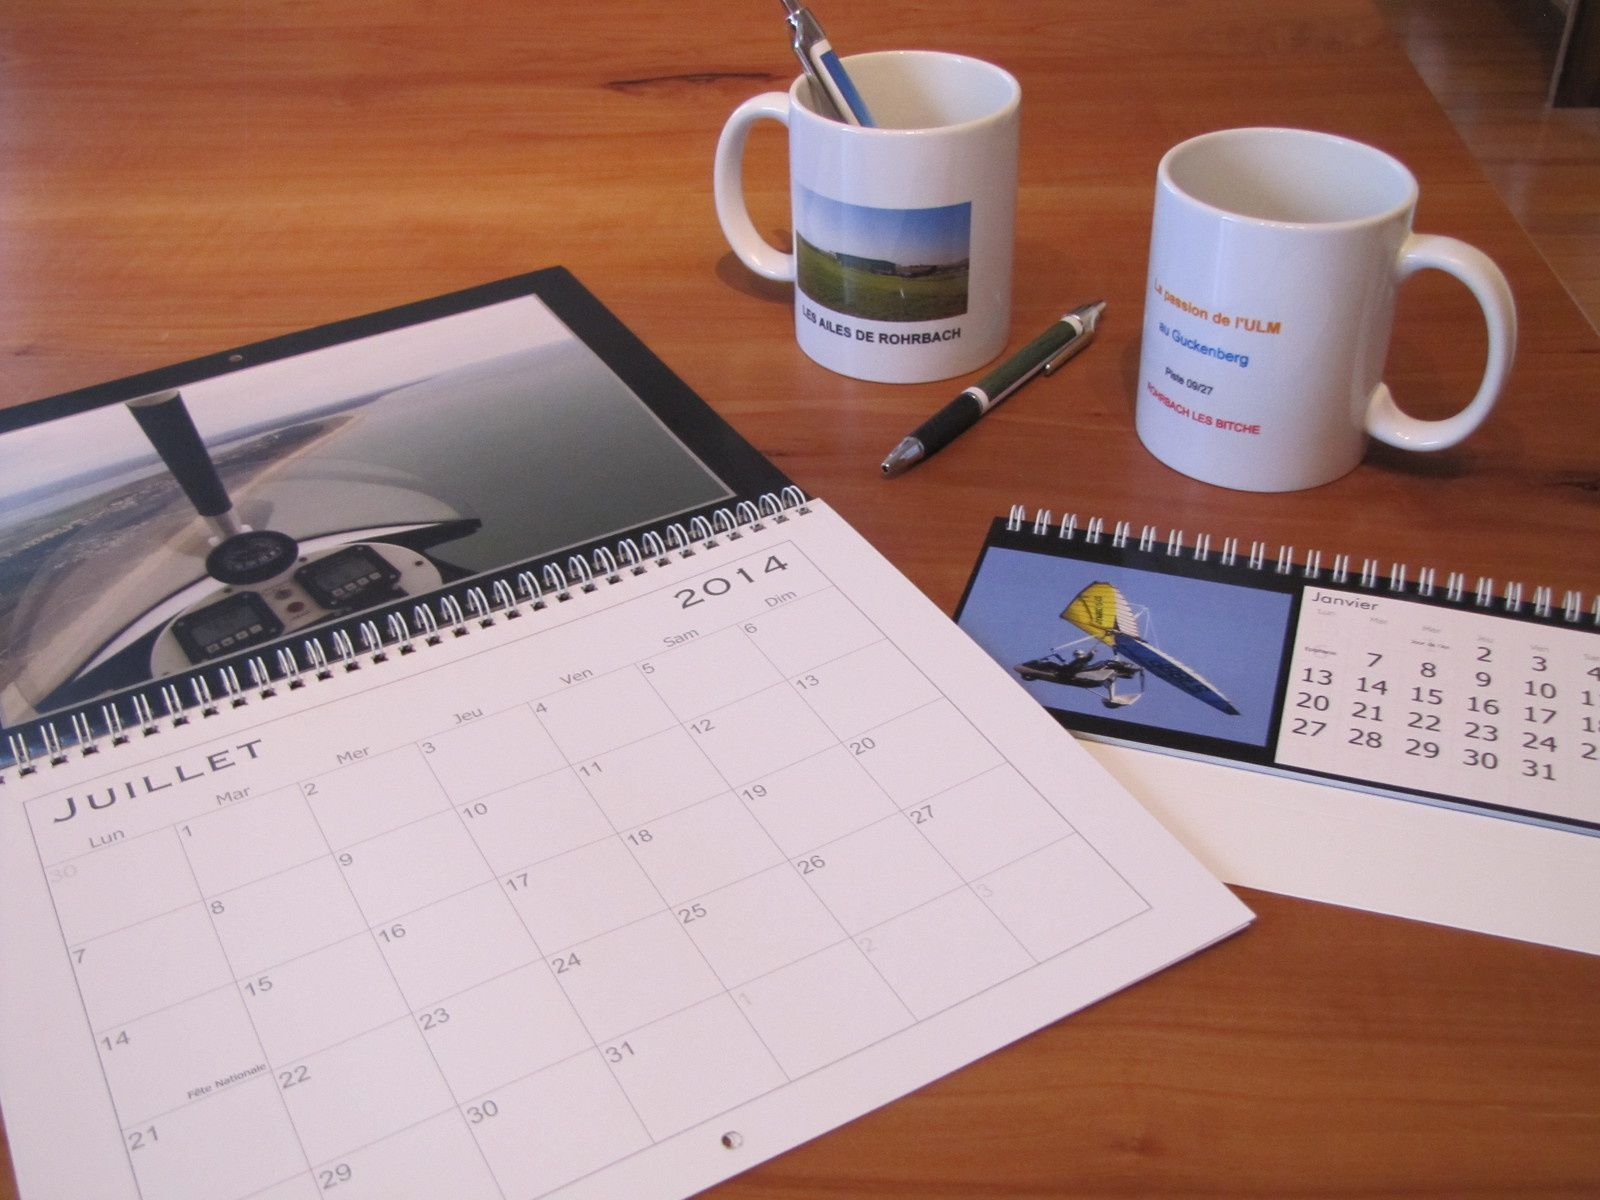 Mugs, calendriers, stylos, livres... pour Les Ailes de Rohrbach!   BONNE ANNEE!